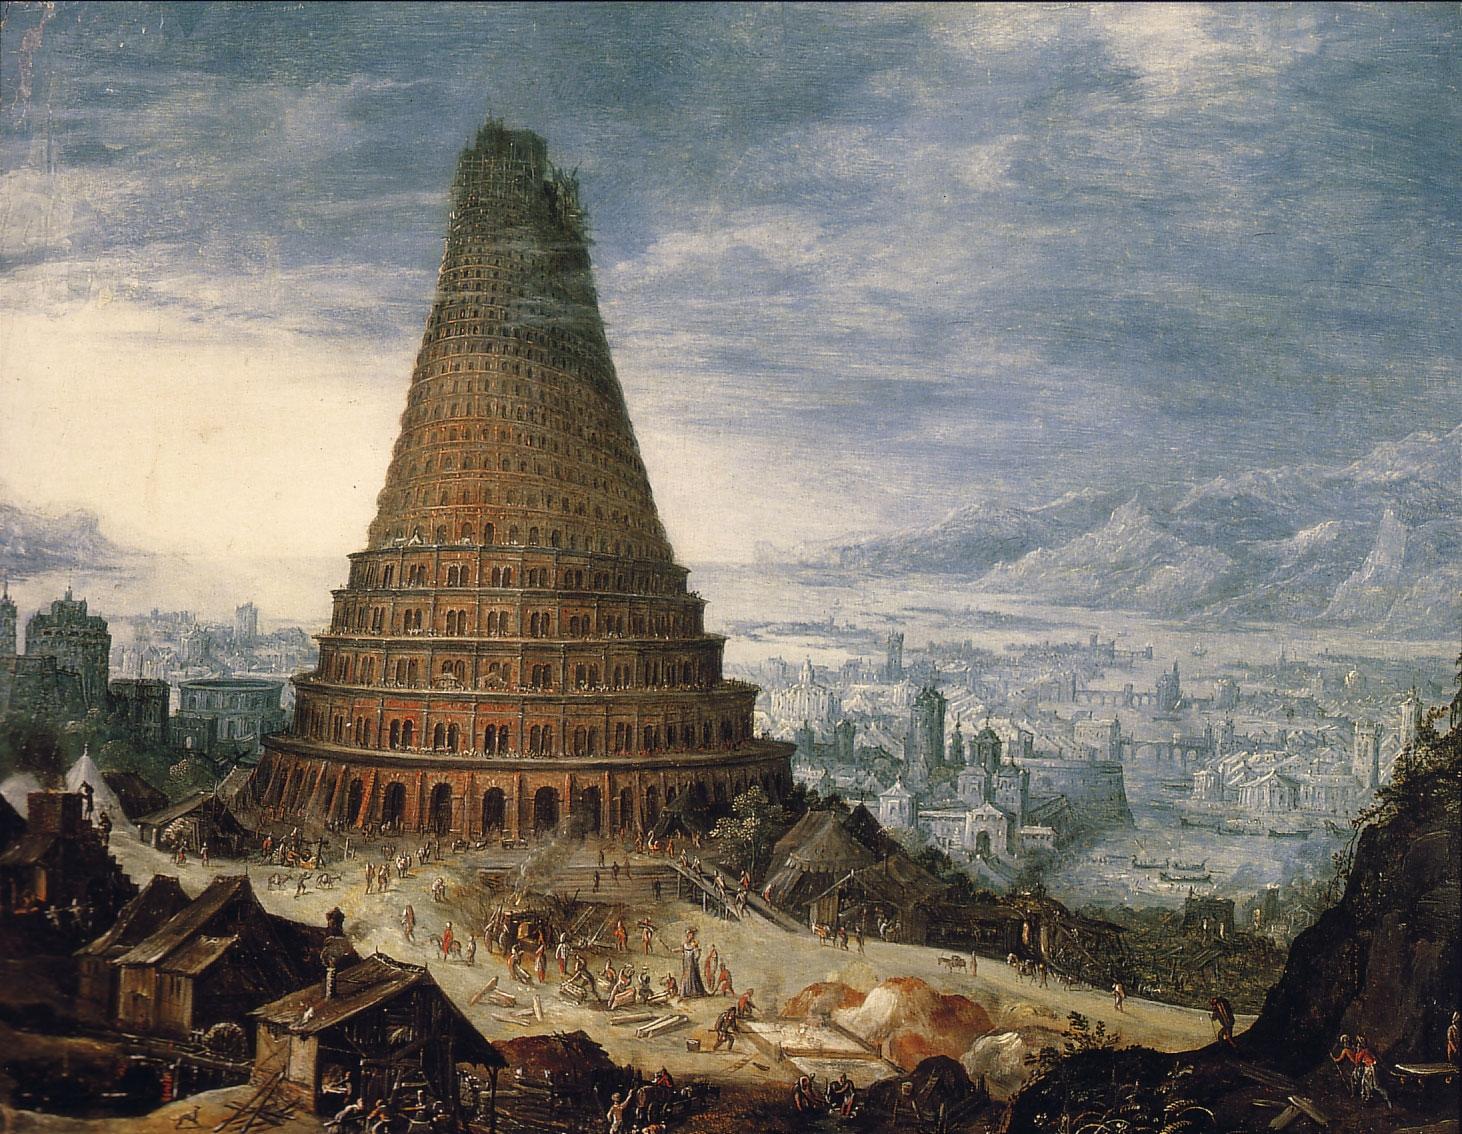 Вавилон картинка для презентации